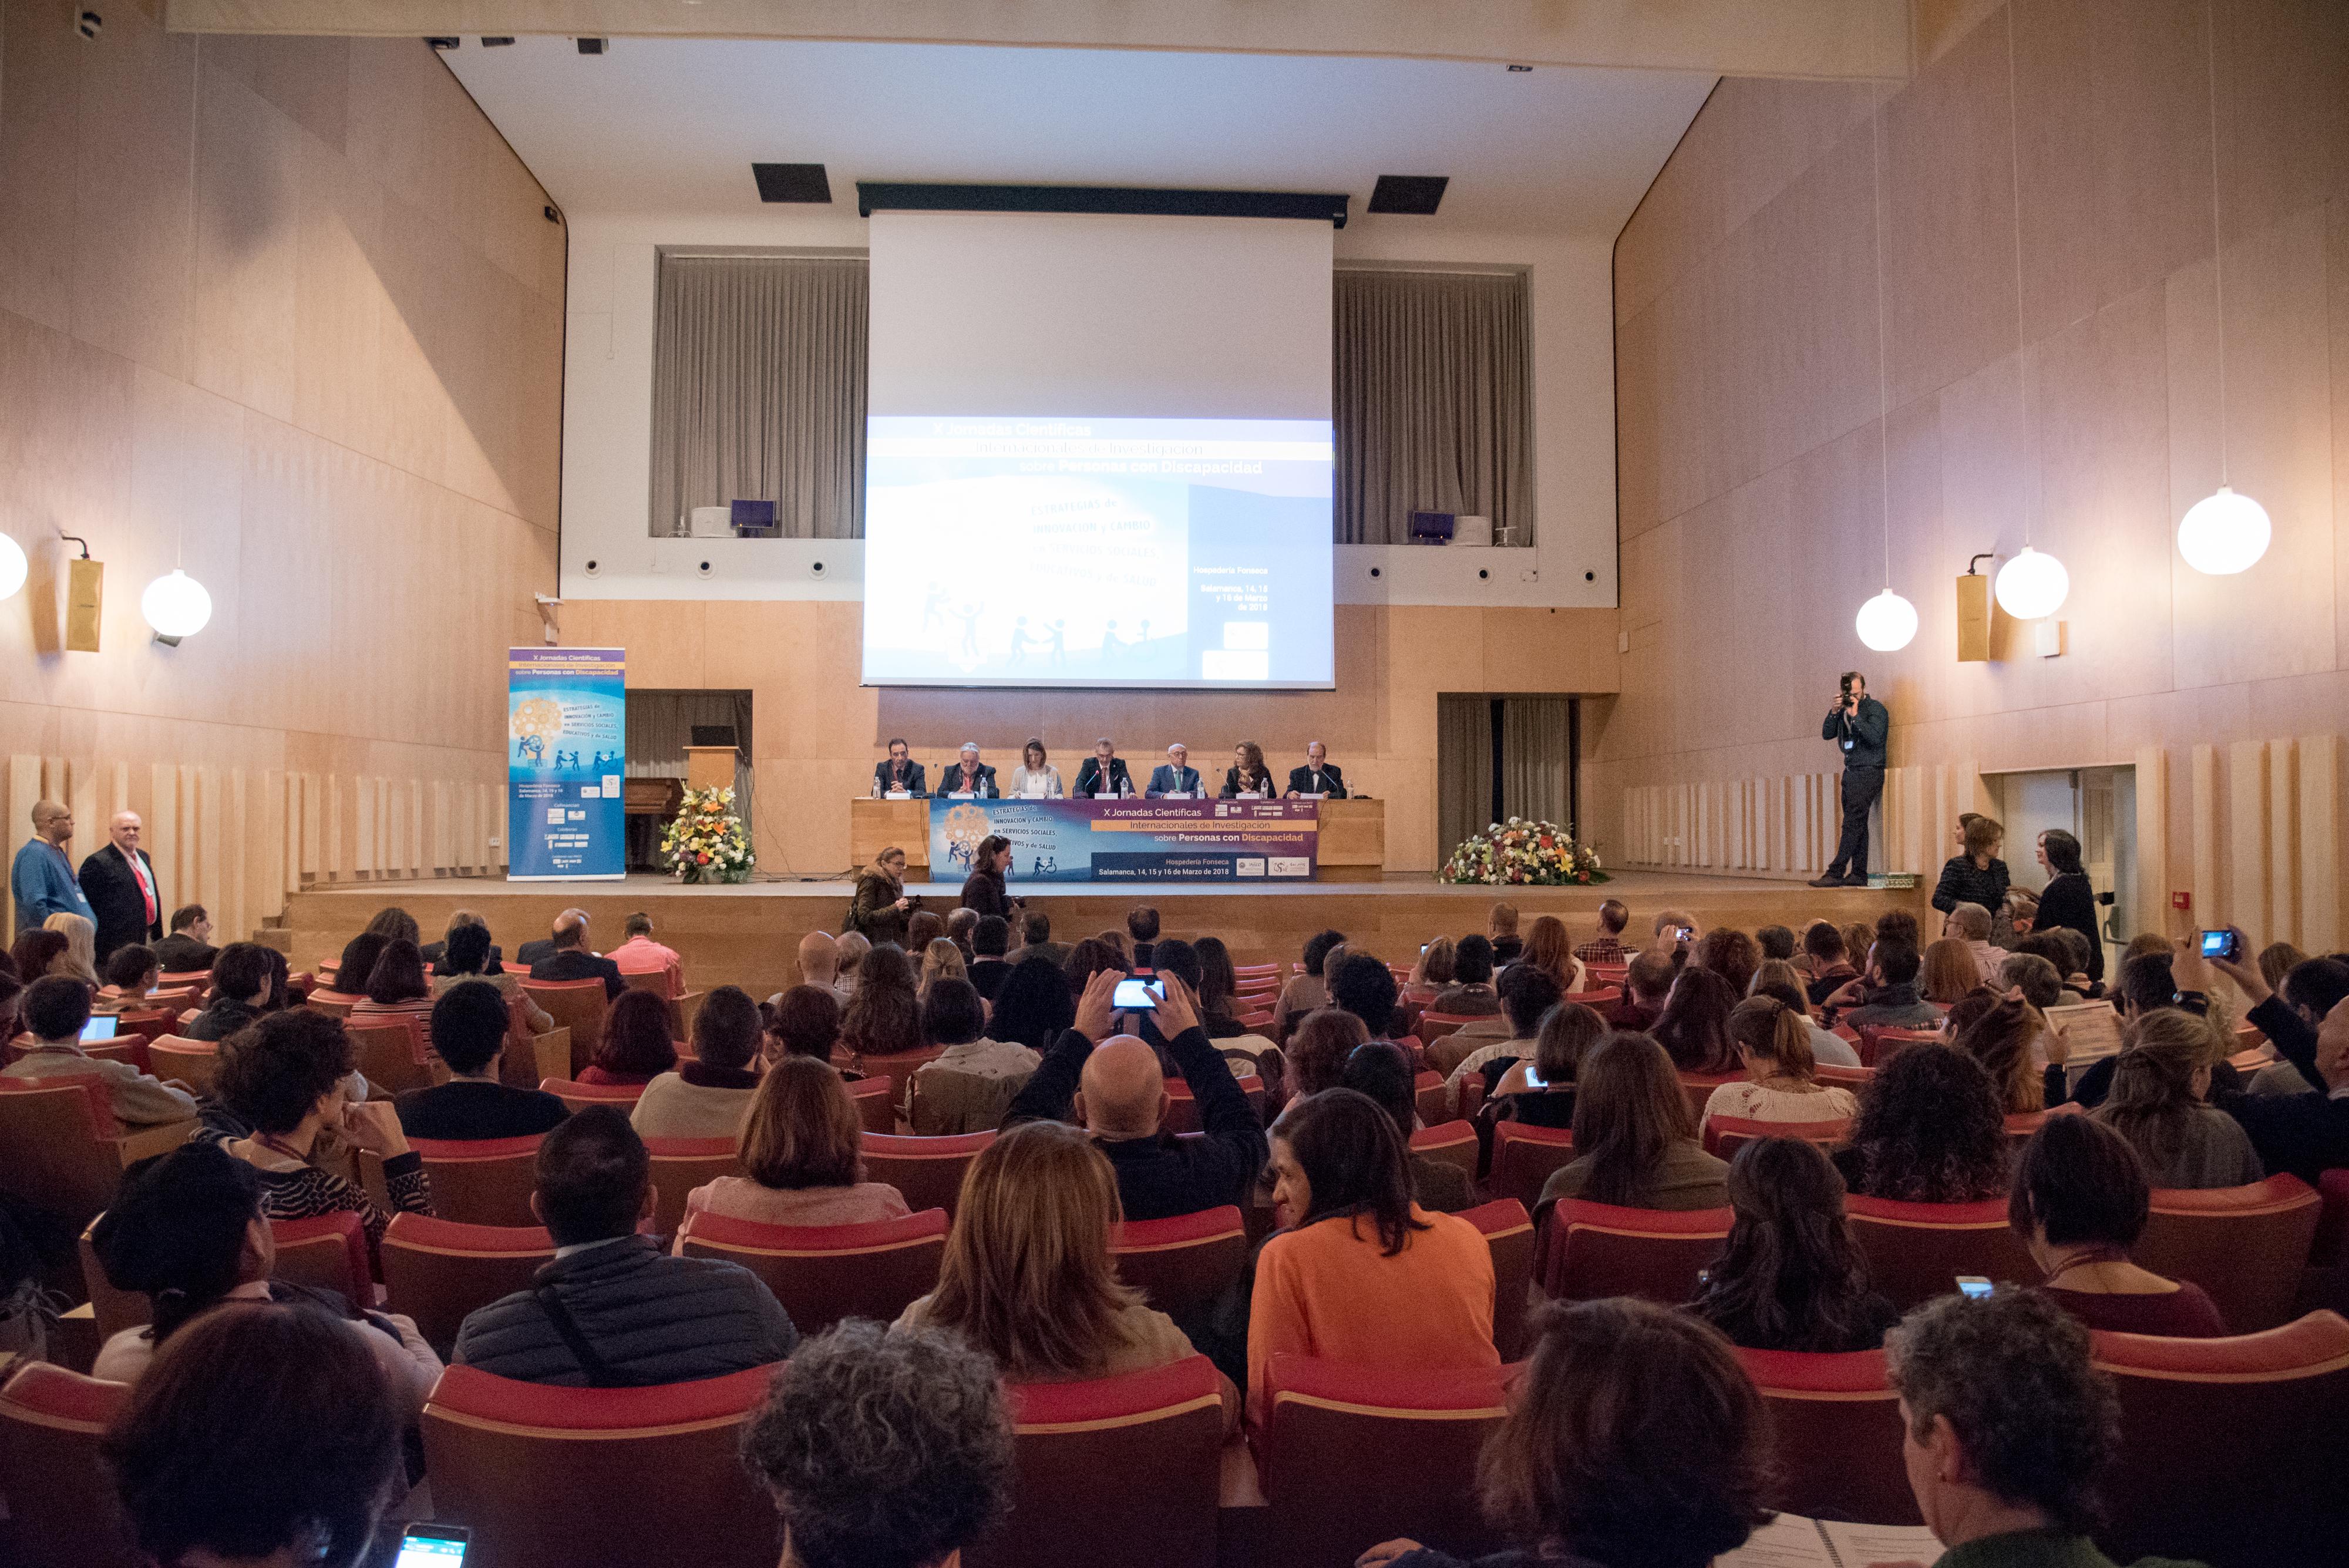 El Instituto Universitario de Integración en la Comunidad (INICO) inaugura sus X Jornadas de Científicas con una conferencia a cargo de los escritores Andrés Aberasturi y Cristina Sánchez Andrade